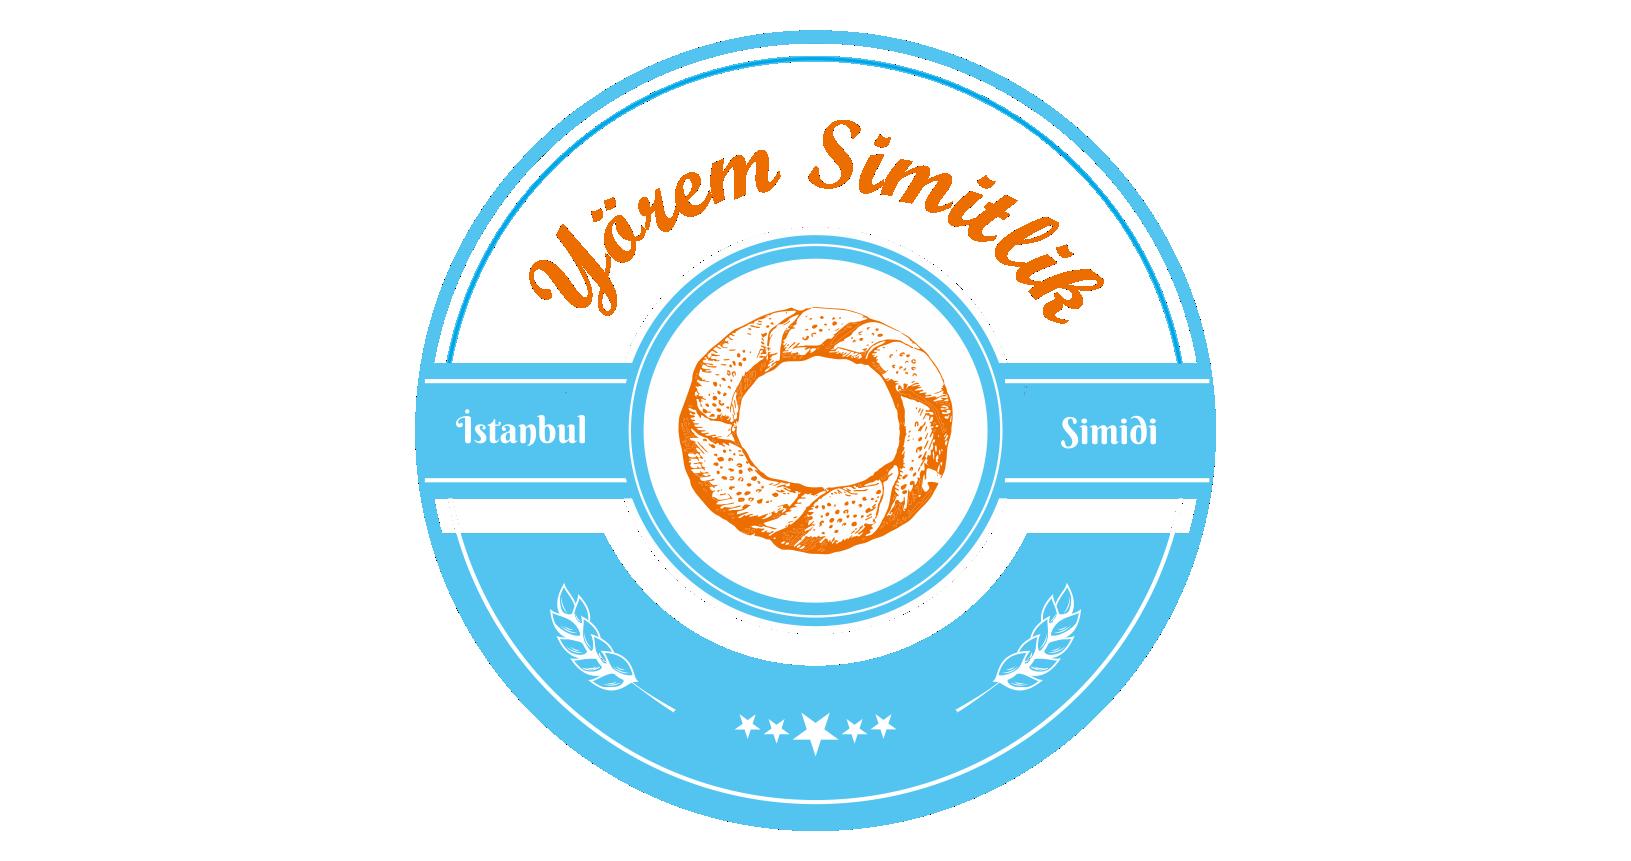 kaptanlar-yorem-simitlik-un-logo